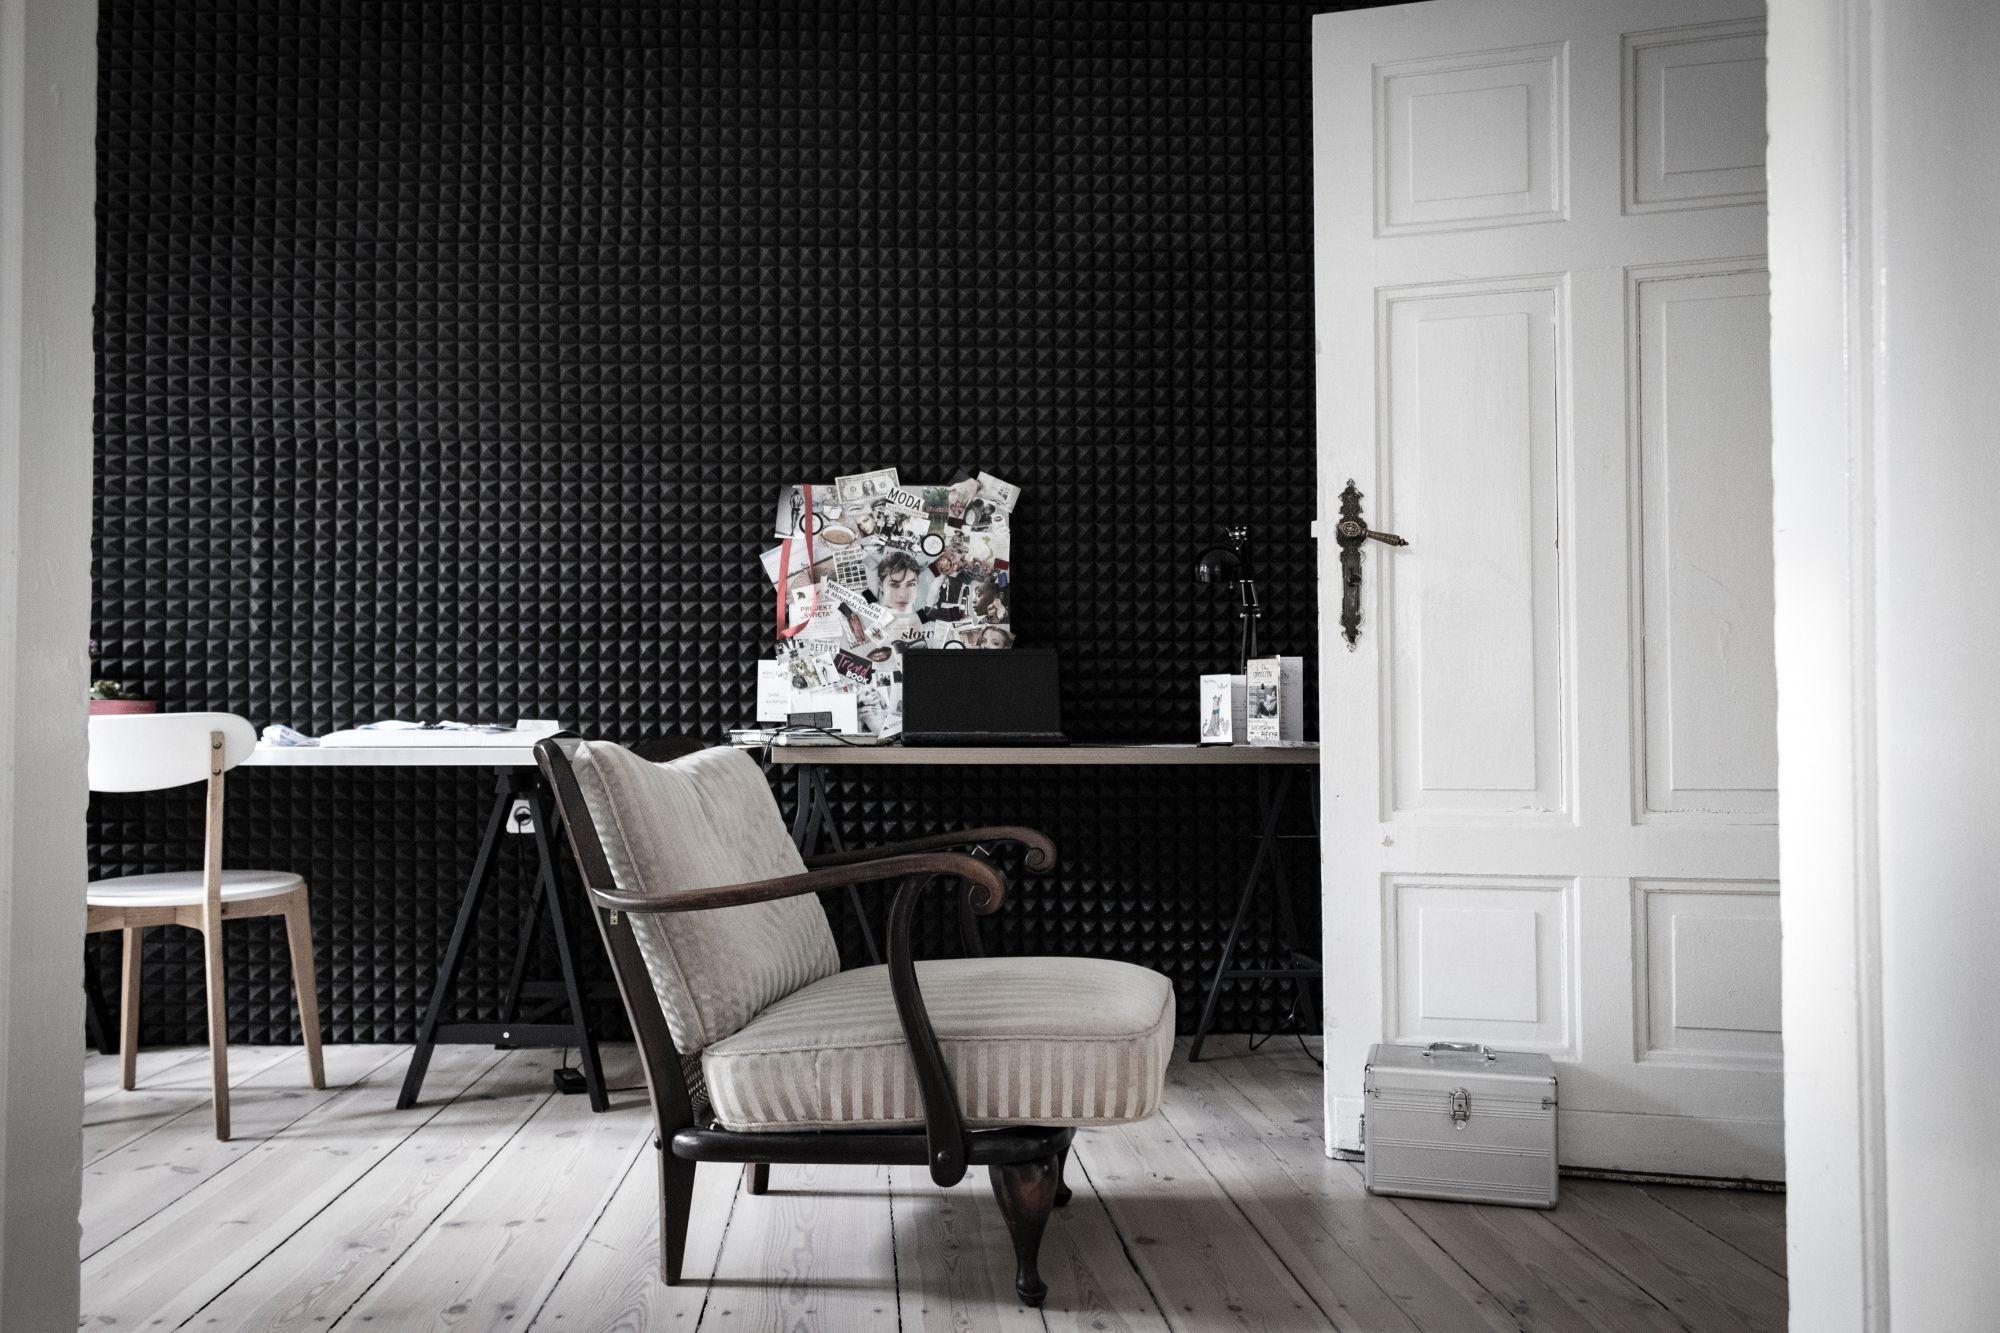 Insonorizzare casa: pareti con pannelli fonoassorbenti